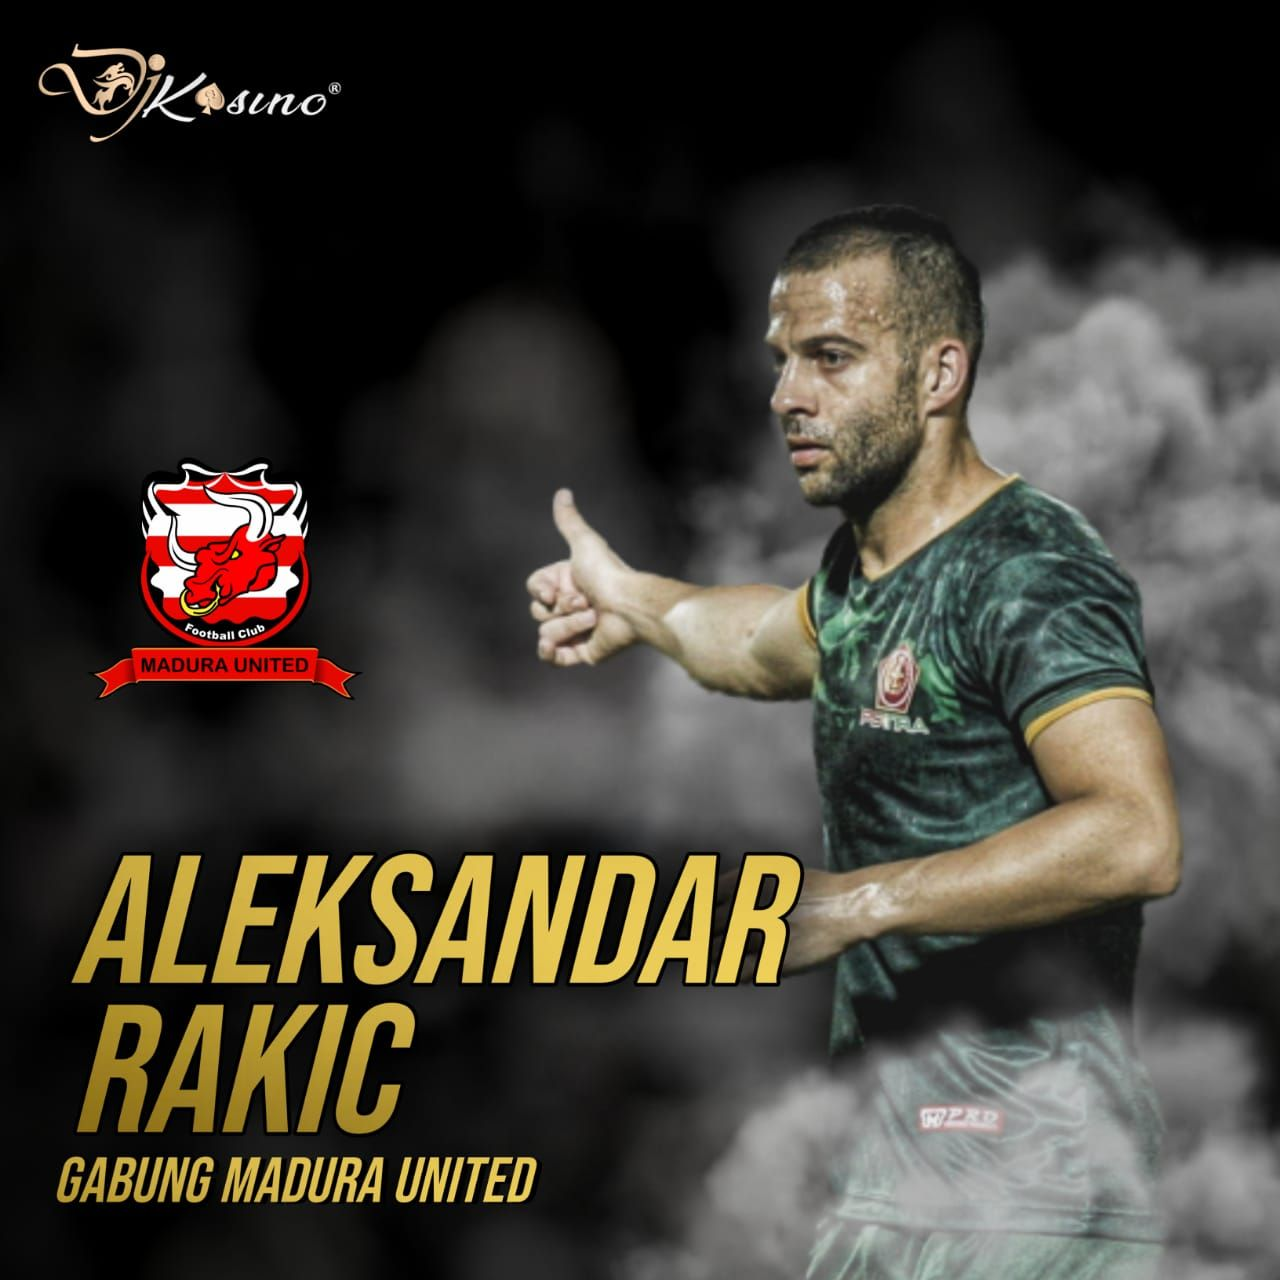 Madura United mendatangkan Top Score Liga 1 Indonesia, Aleksandar Rakic. Madura sedang jor-joran #djkasino…